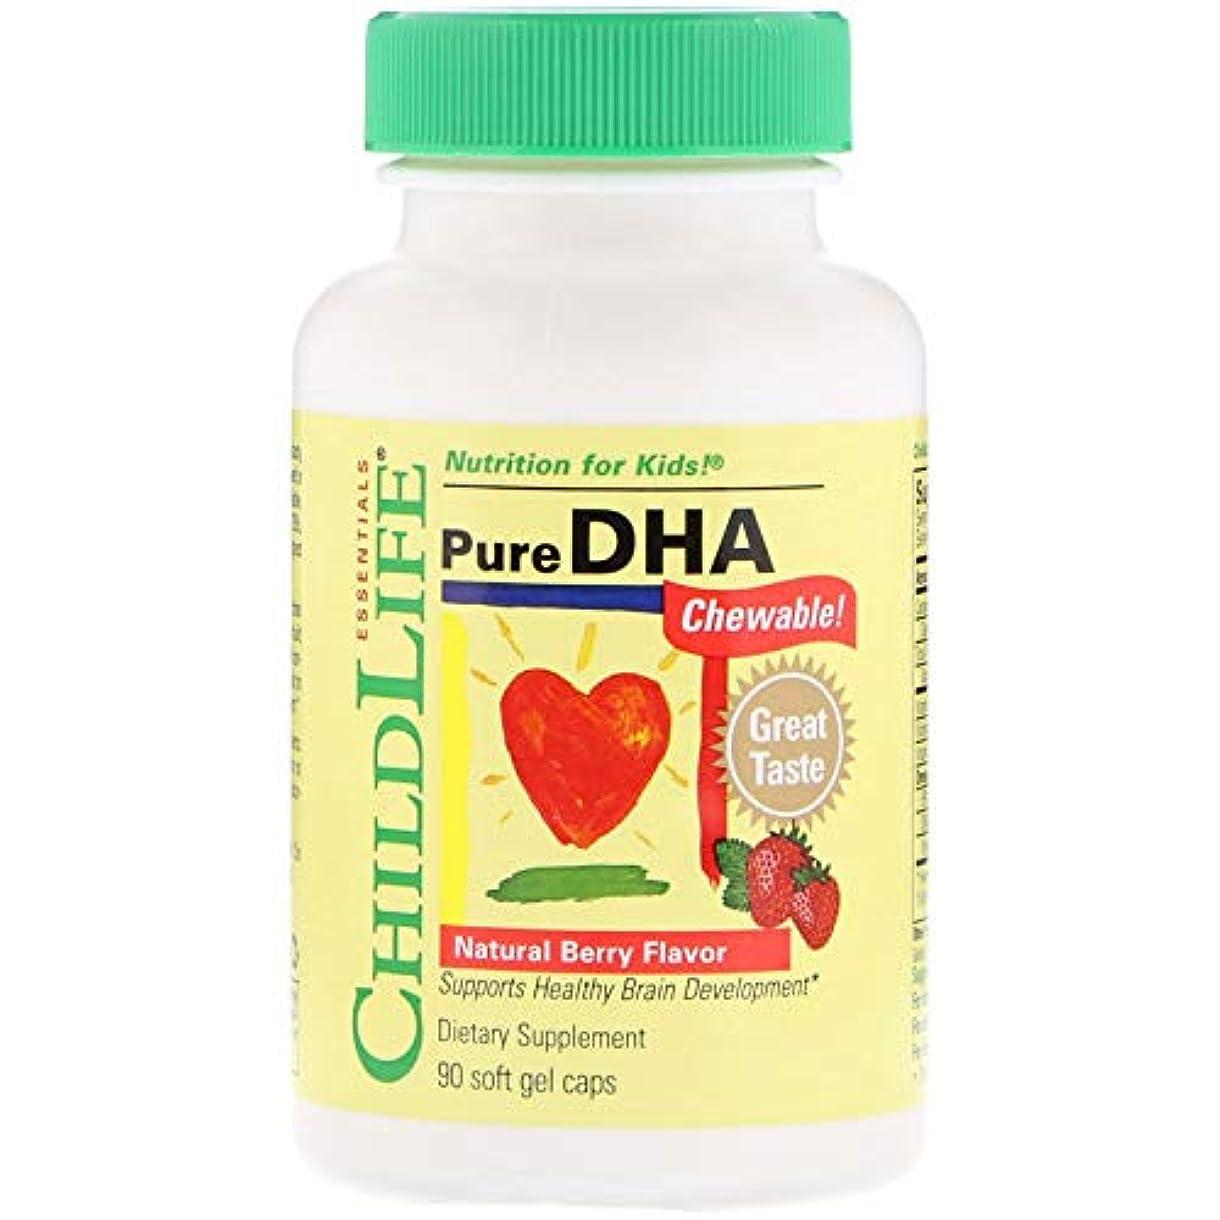 セイはさておき円形の助けになる海外並行輸入品Child Life Essentials Pure Dha, 3 PACK X 90 Softgels 250 mg